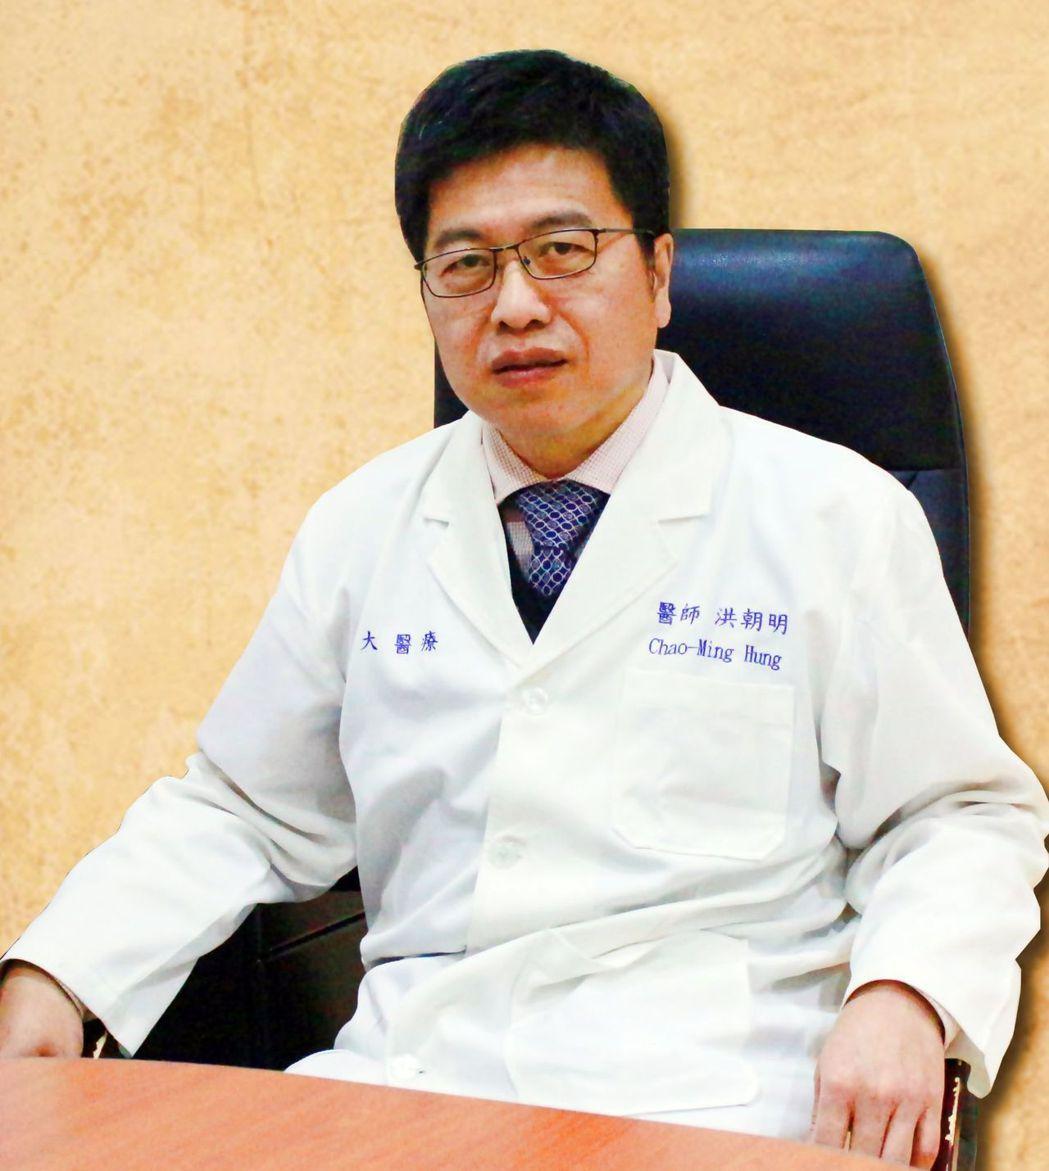 義大癌治療醫院院長洪朝明建議孕婦,產檢時順道做乳房超音波檢查,排除罹患乳癌的風險...